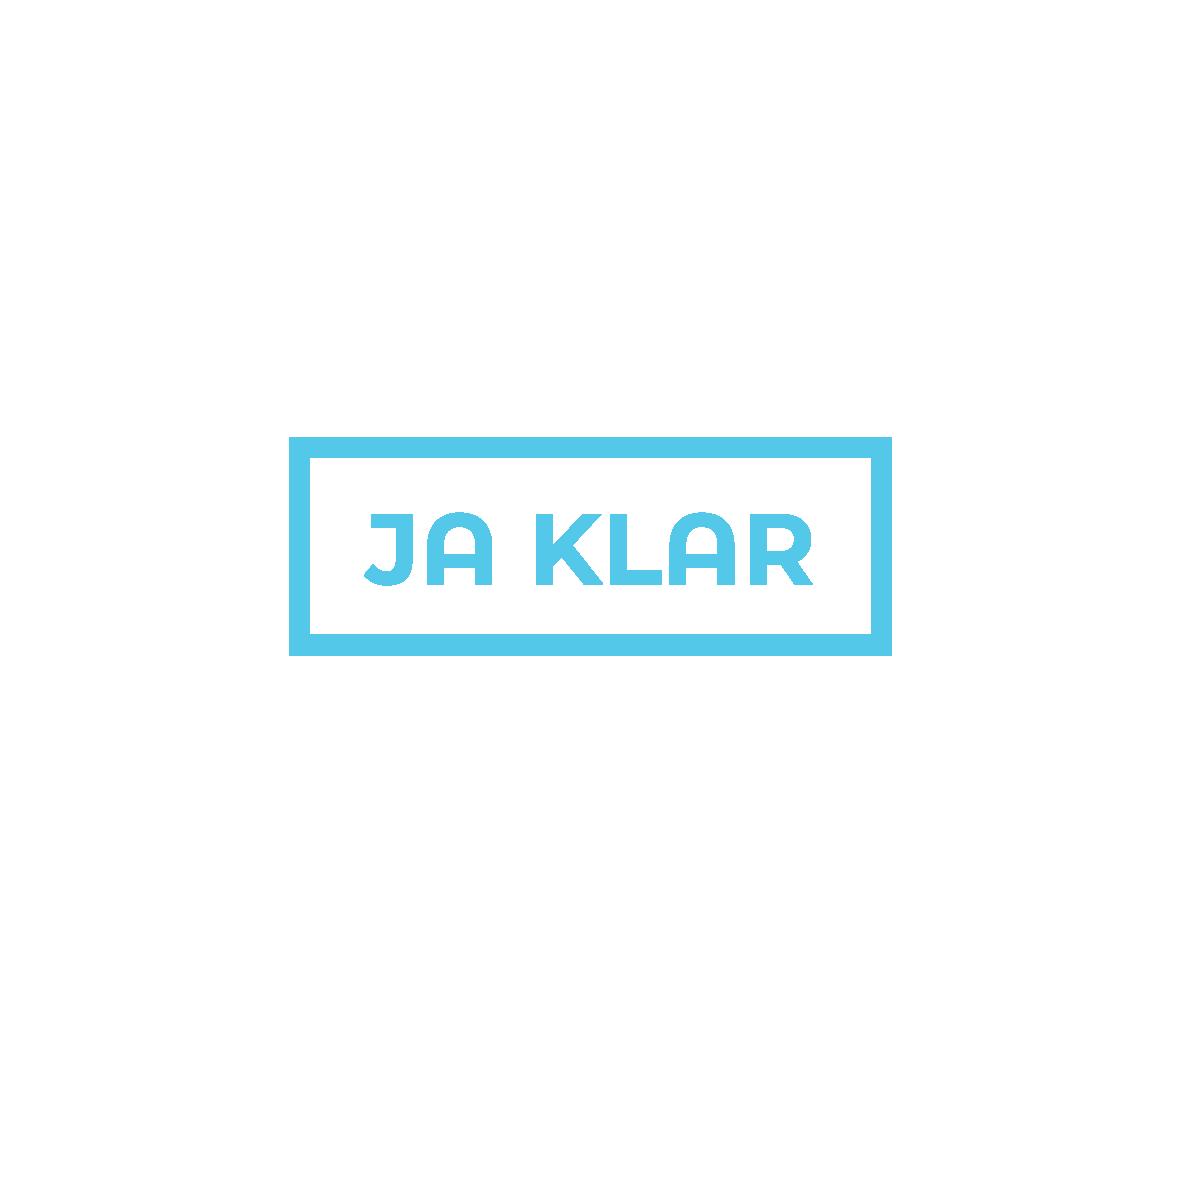 JA-klar! Logo